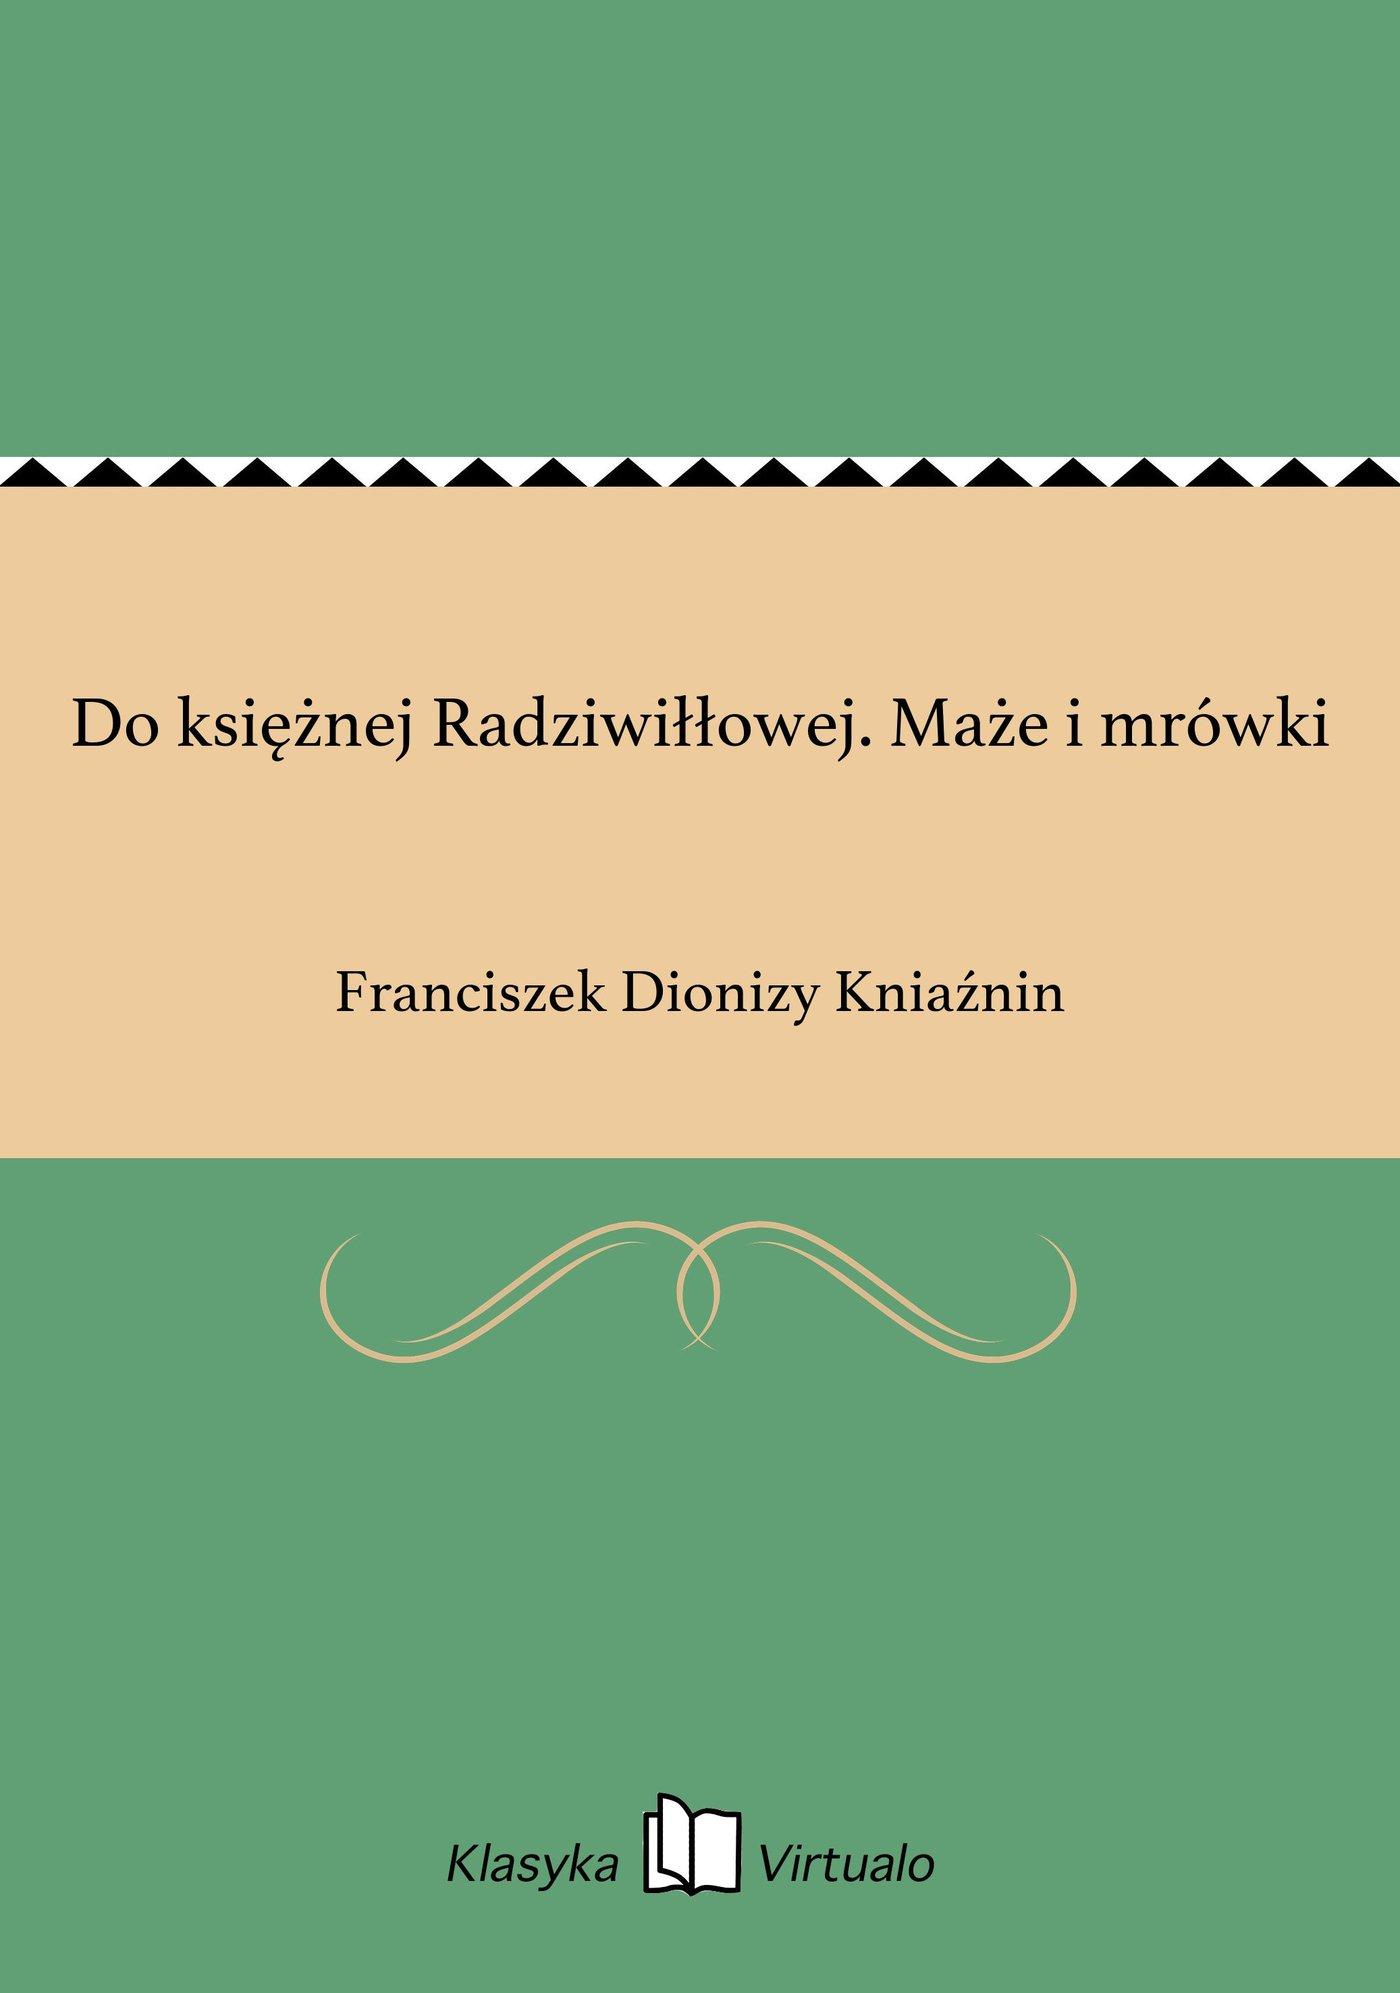 Do księżnej Radziwiłłowej. Maże i mrówki - Ebook (Książka EPUB) do pobrania w formacie EPUB